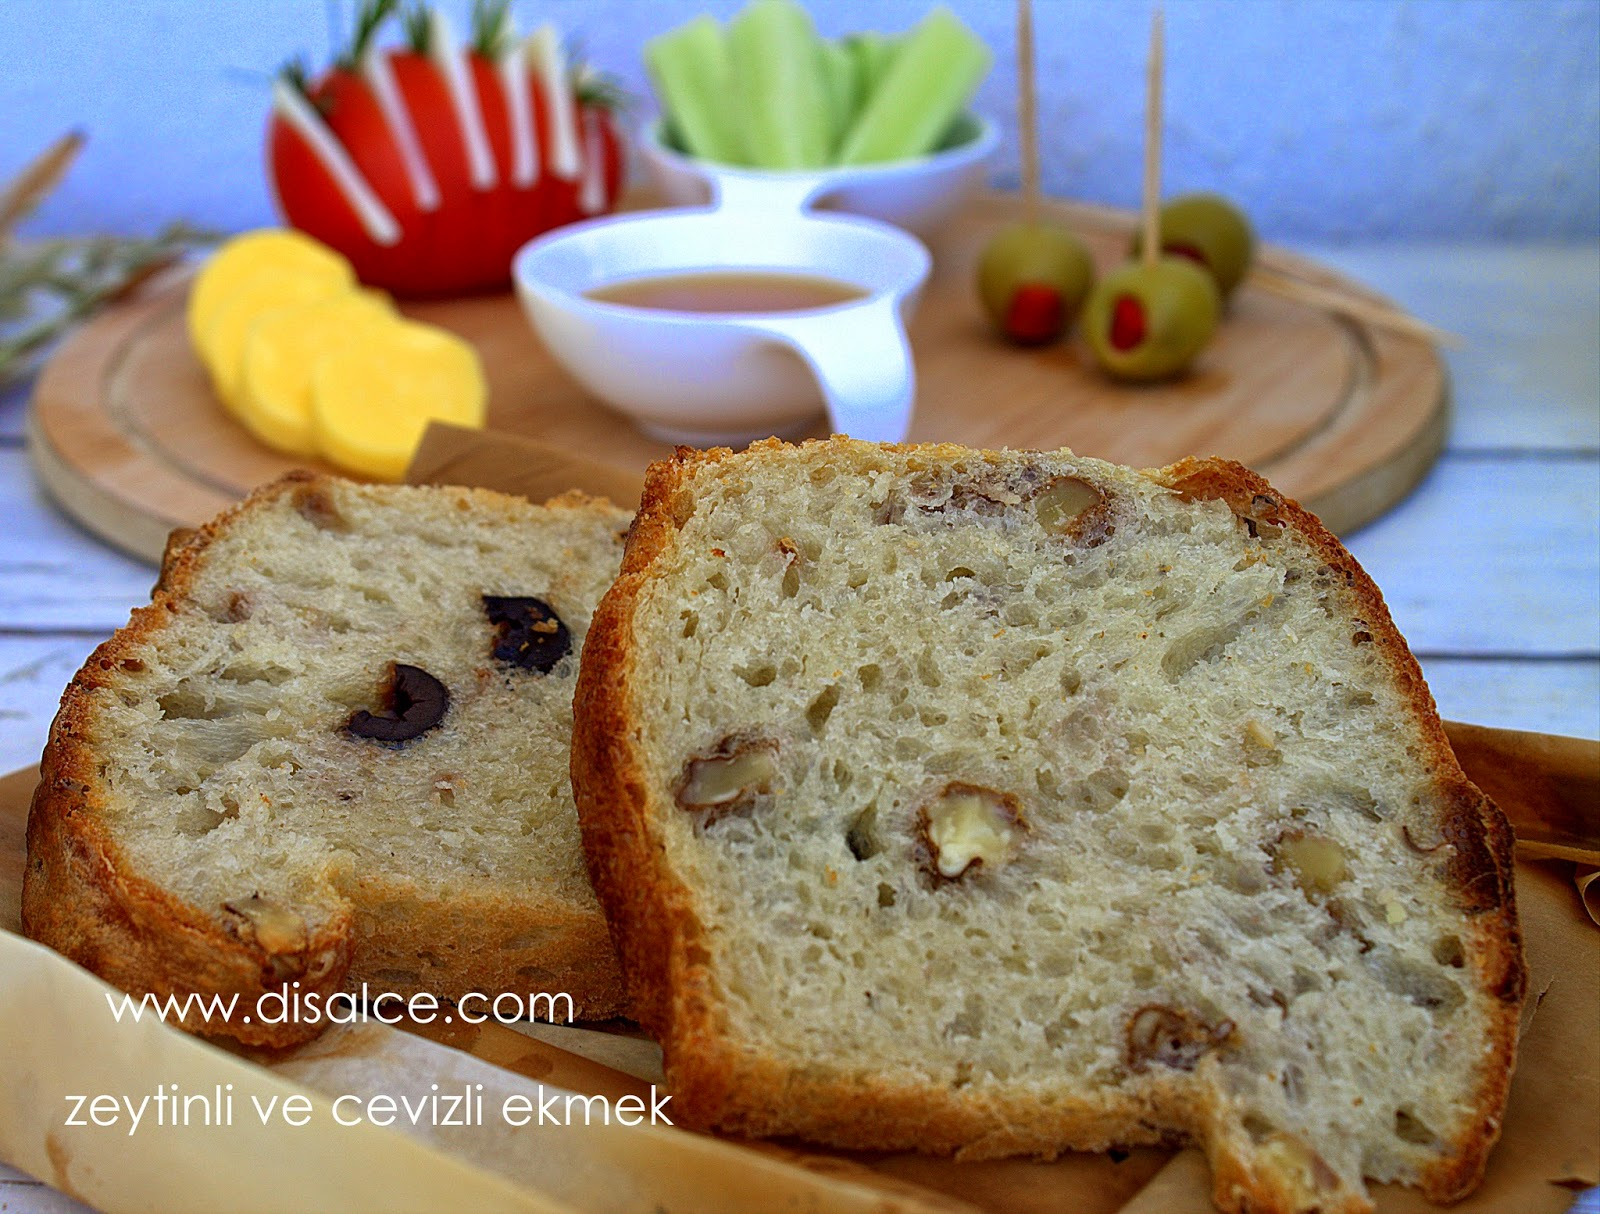 Cevizli ekmek tarifi